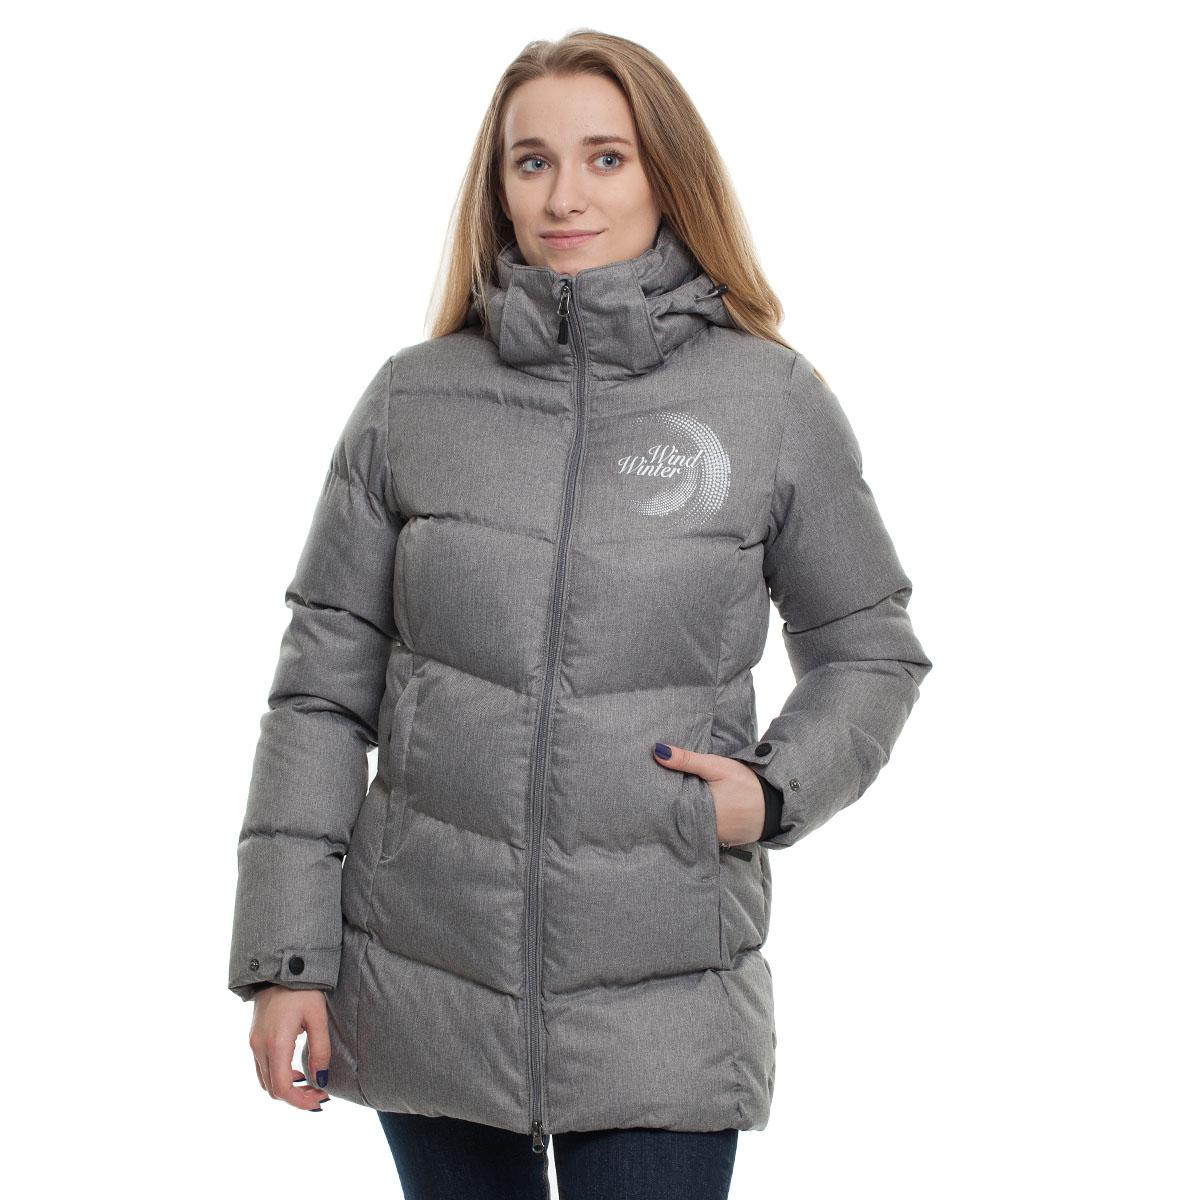 Куртка утепленная Exparc, DH-21015 куртка утепленная exparc dh 21015